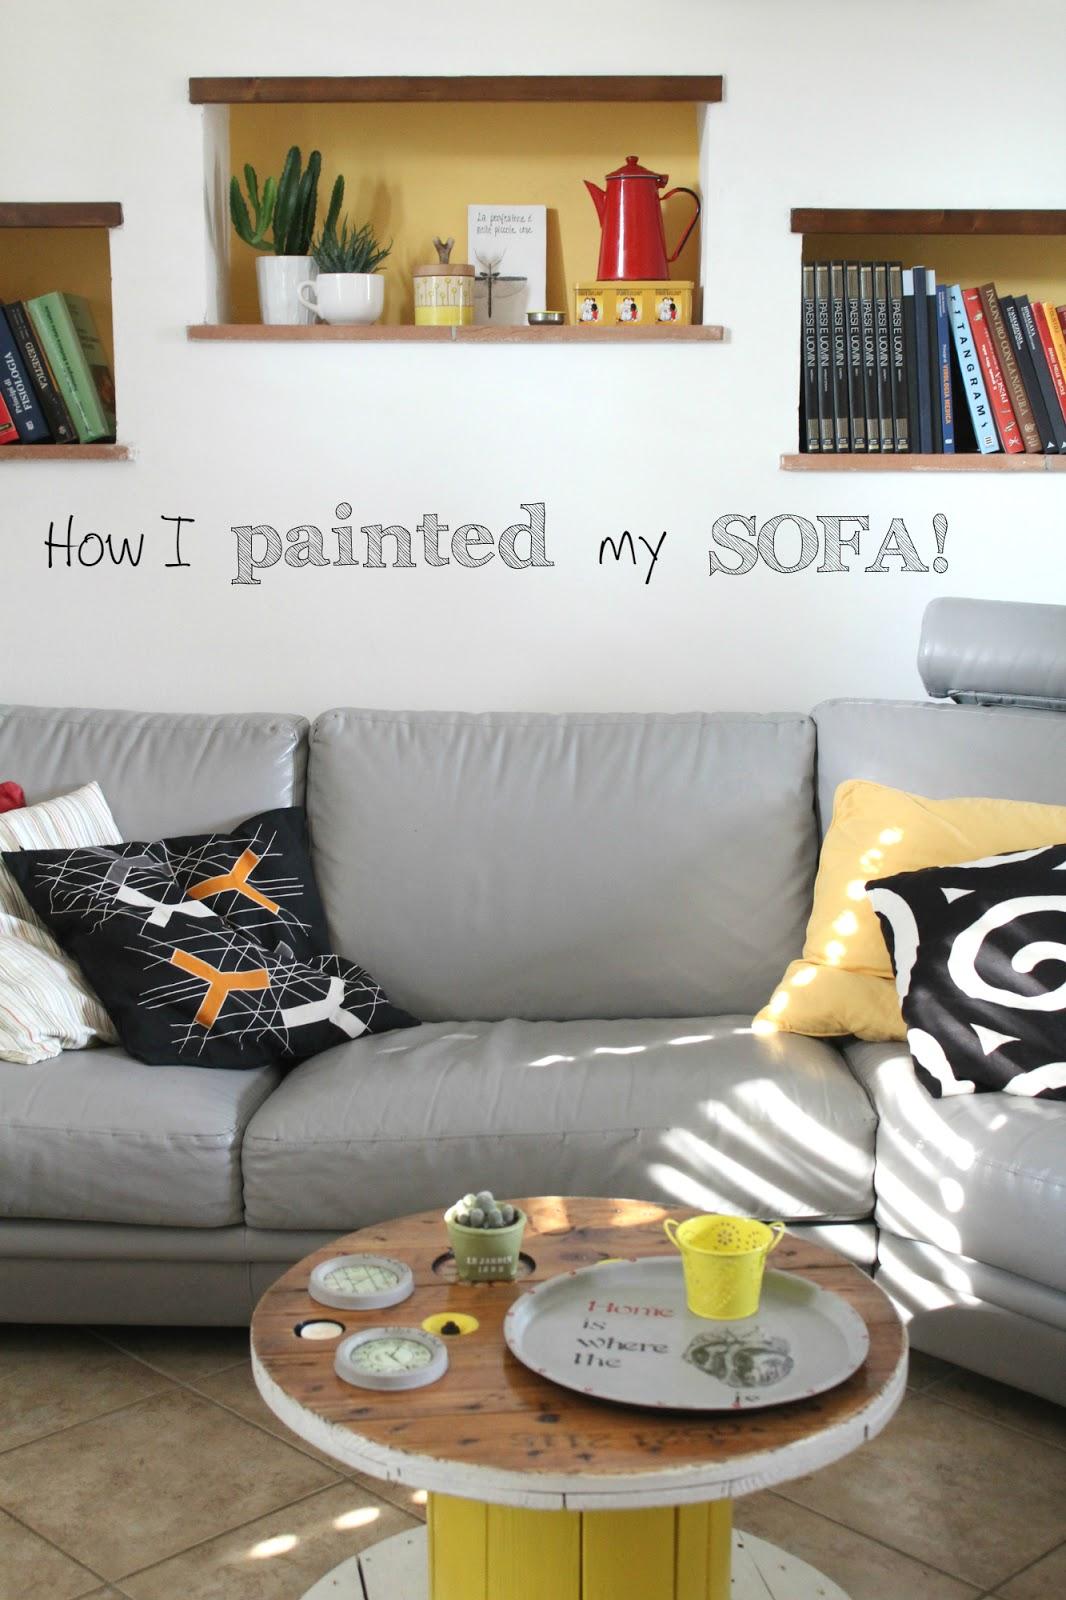 Conosciuto Vivere a piedi nudi living barefoot: Come ho dipinto il mio divano  ZP56